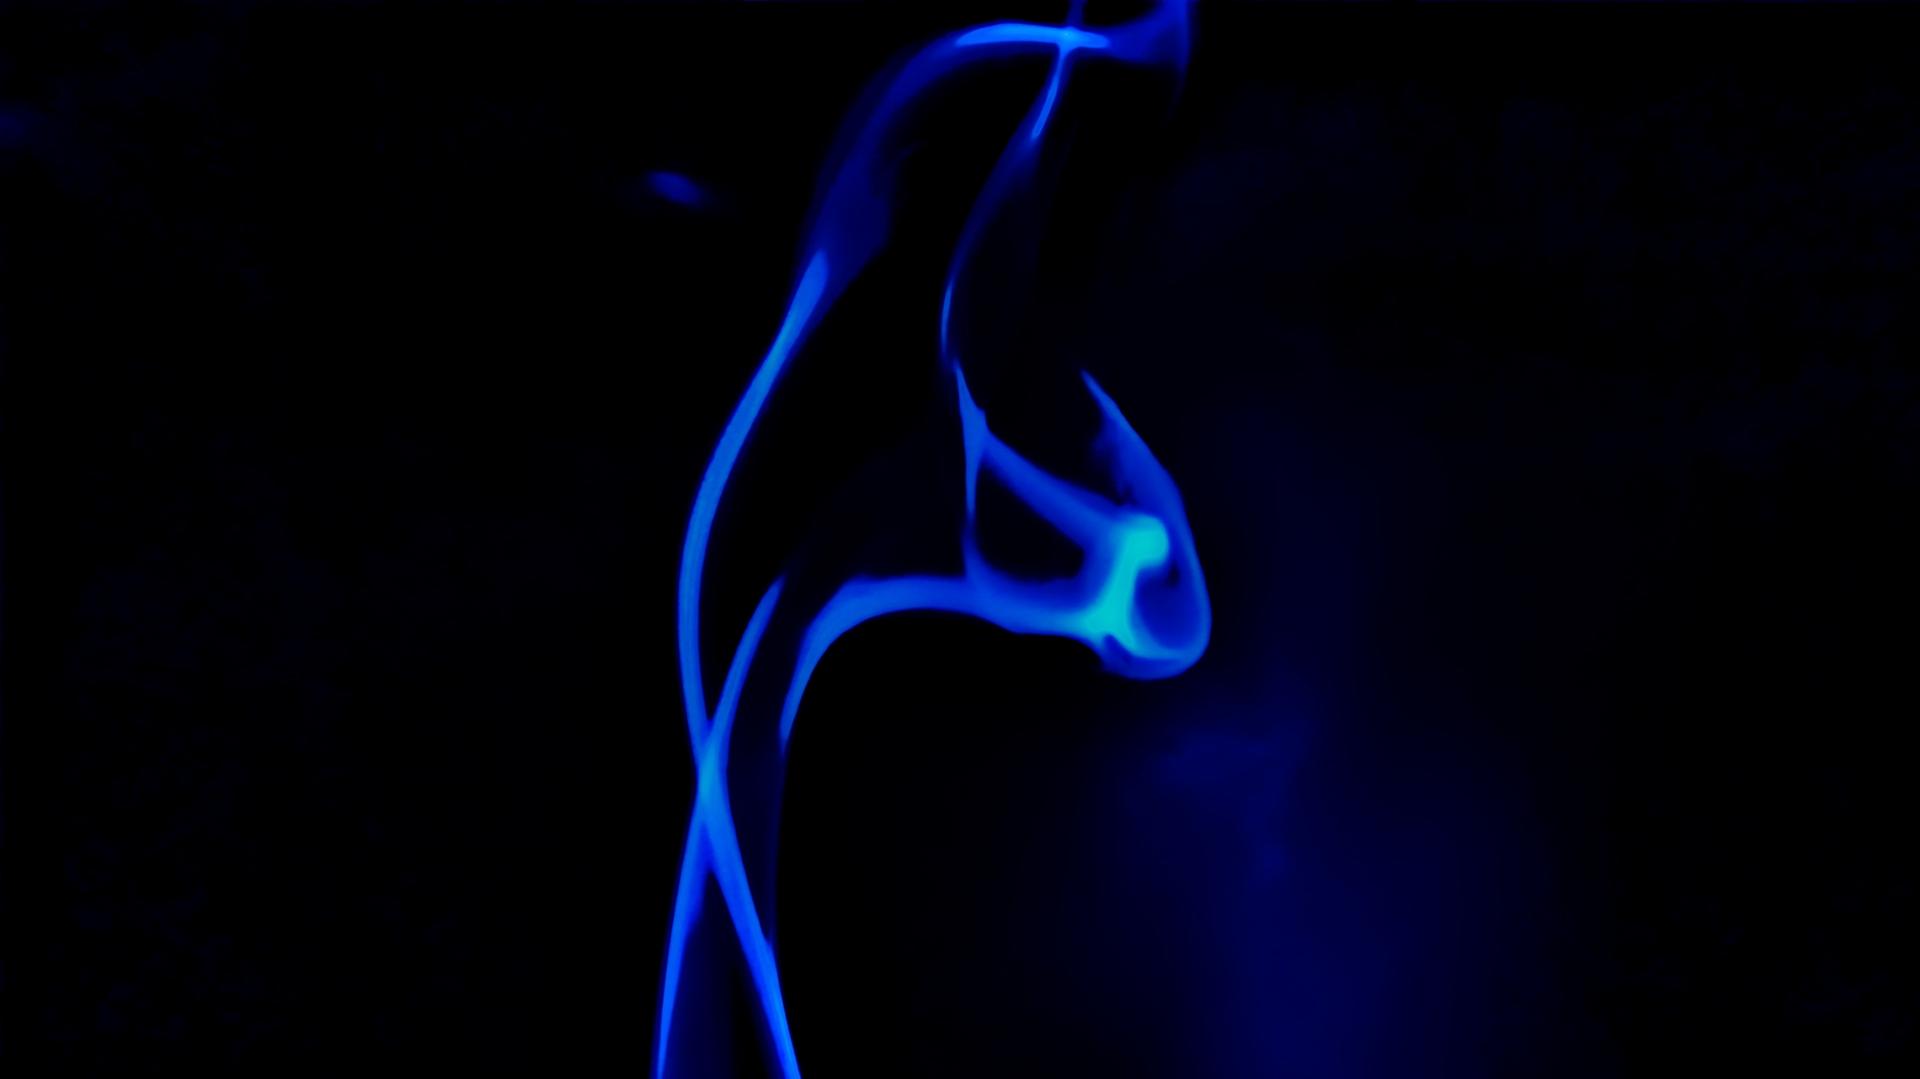 bluesmoke1 image